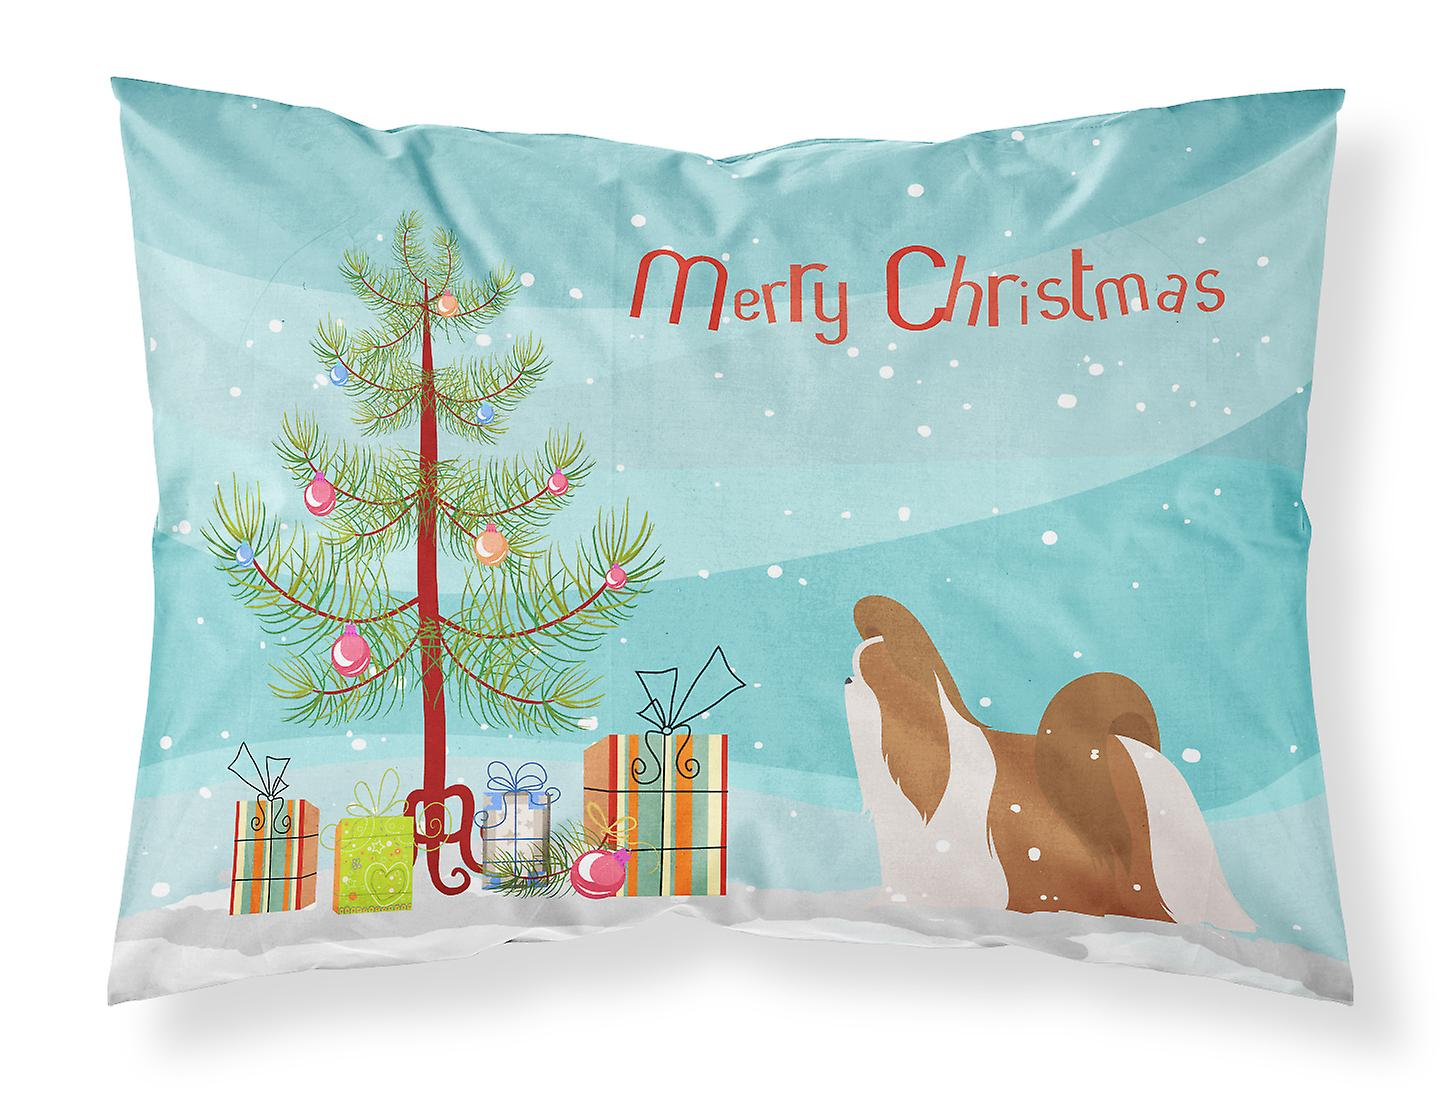 Tzu Merry Christmas Shih Tree Standard Tissu Taie D'oreiller De 45jc3qARL